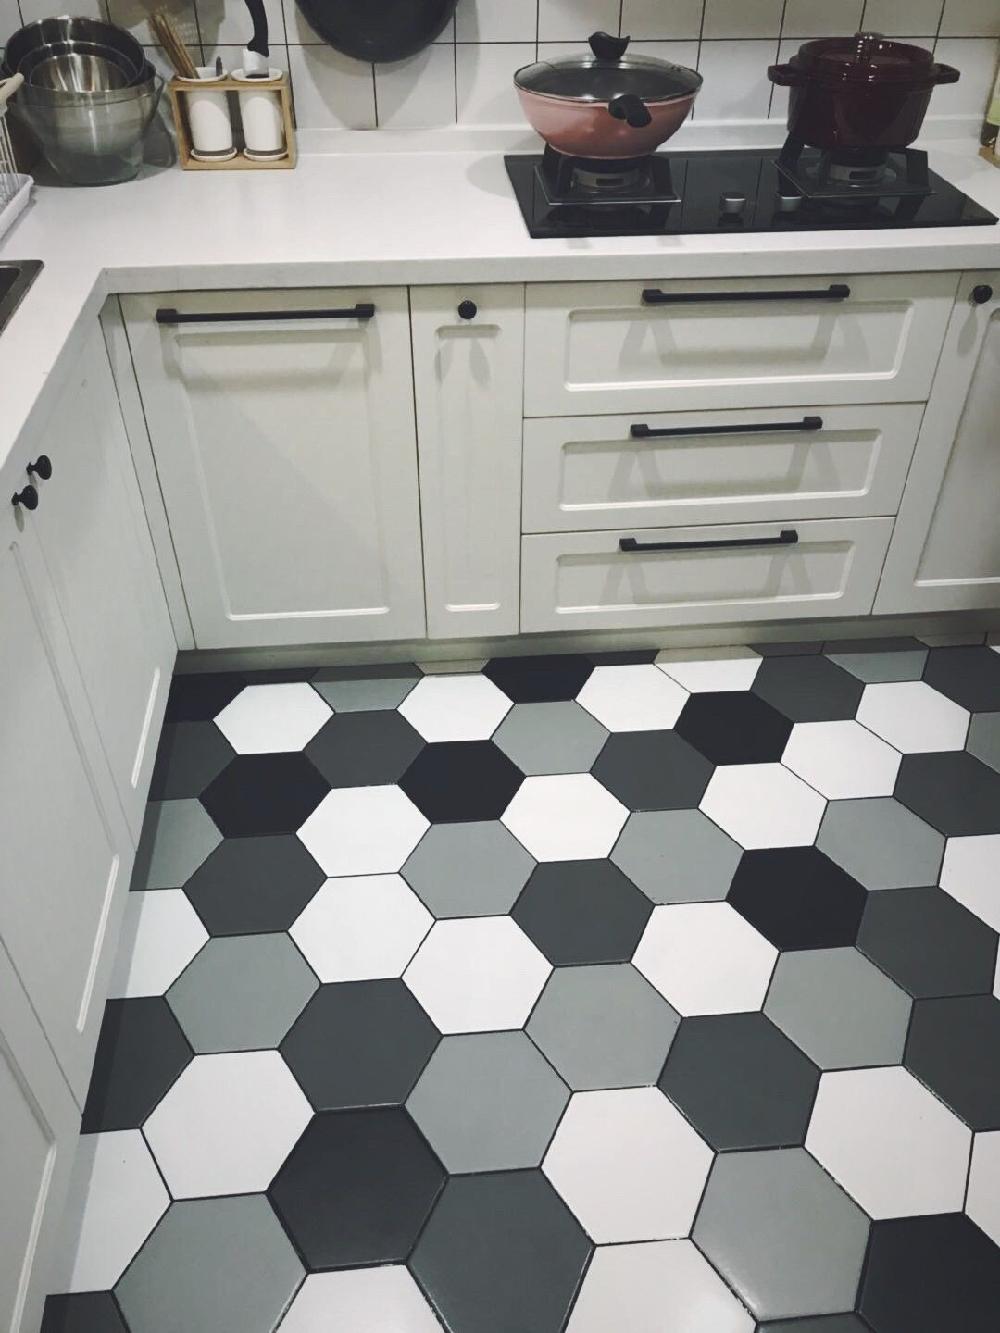 開放式廚房的改造,廚房白色磚配黑色美13462399